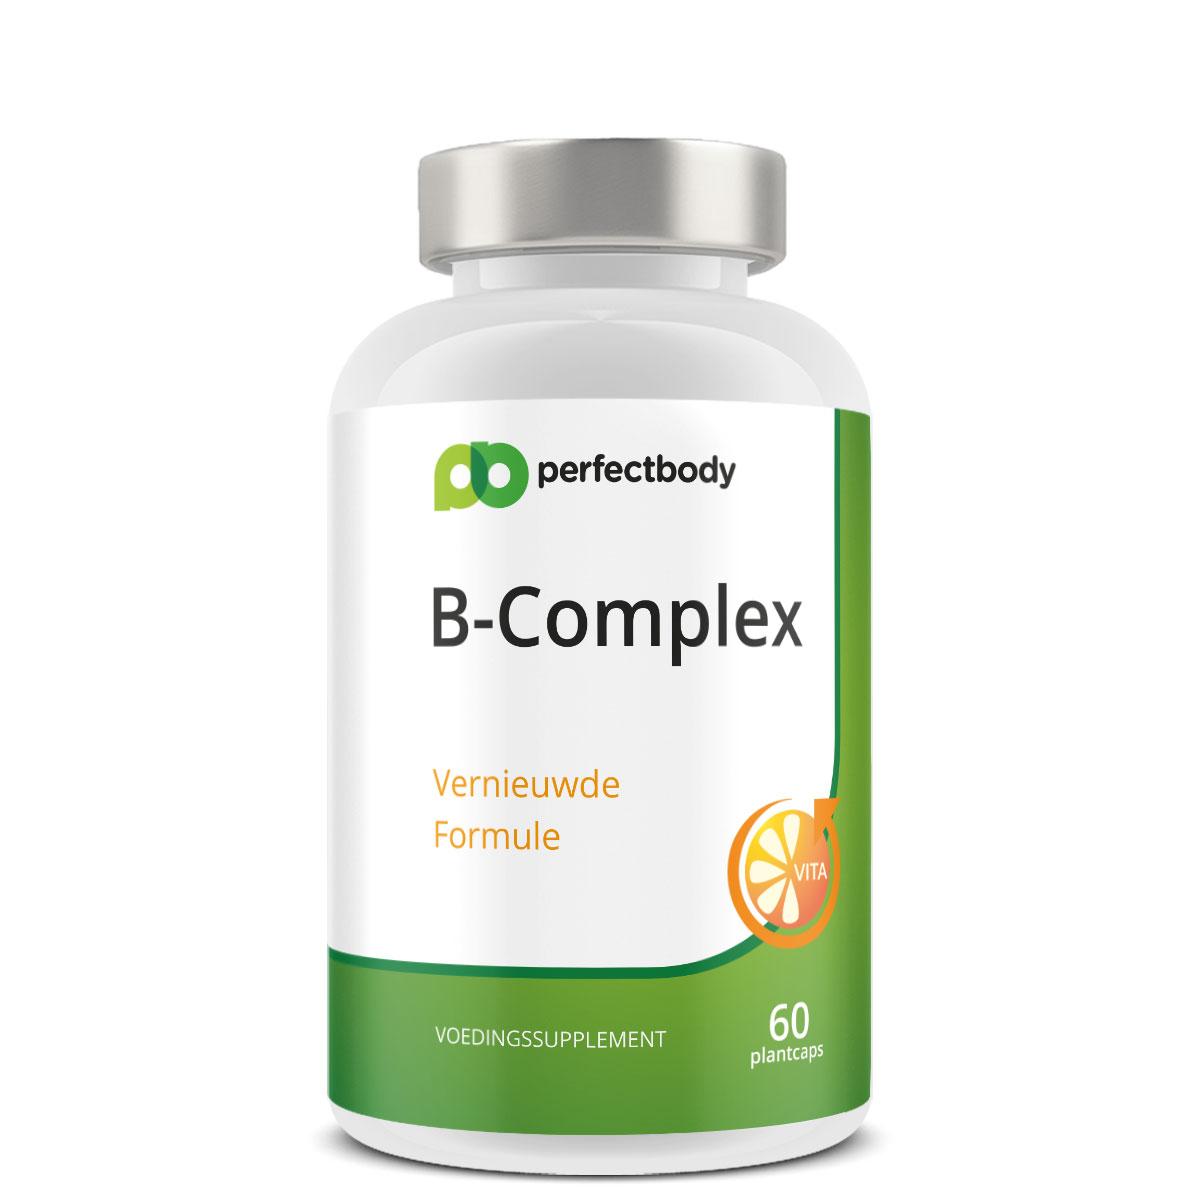 Perfectbody Vitamine B-complex - 60 Plantcapsules